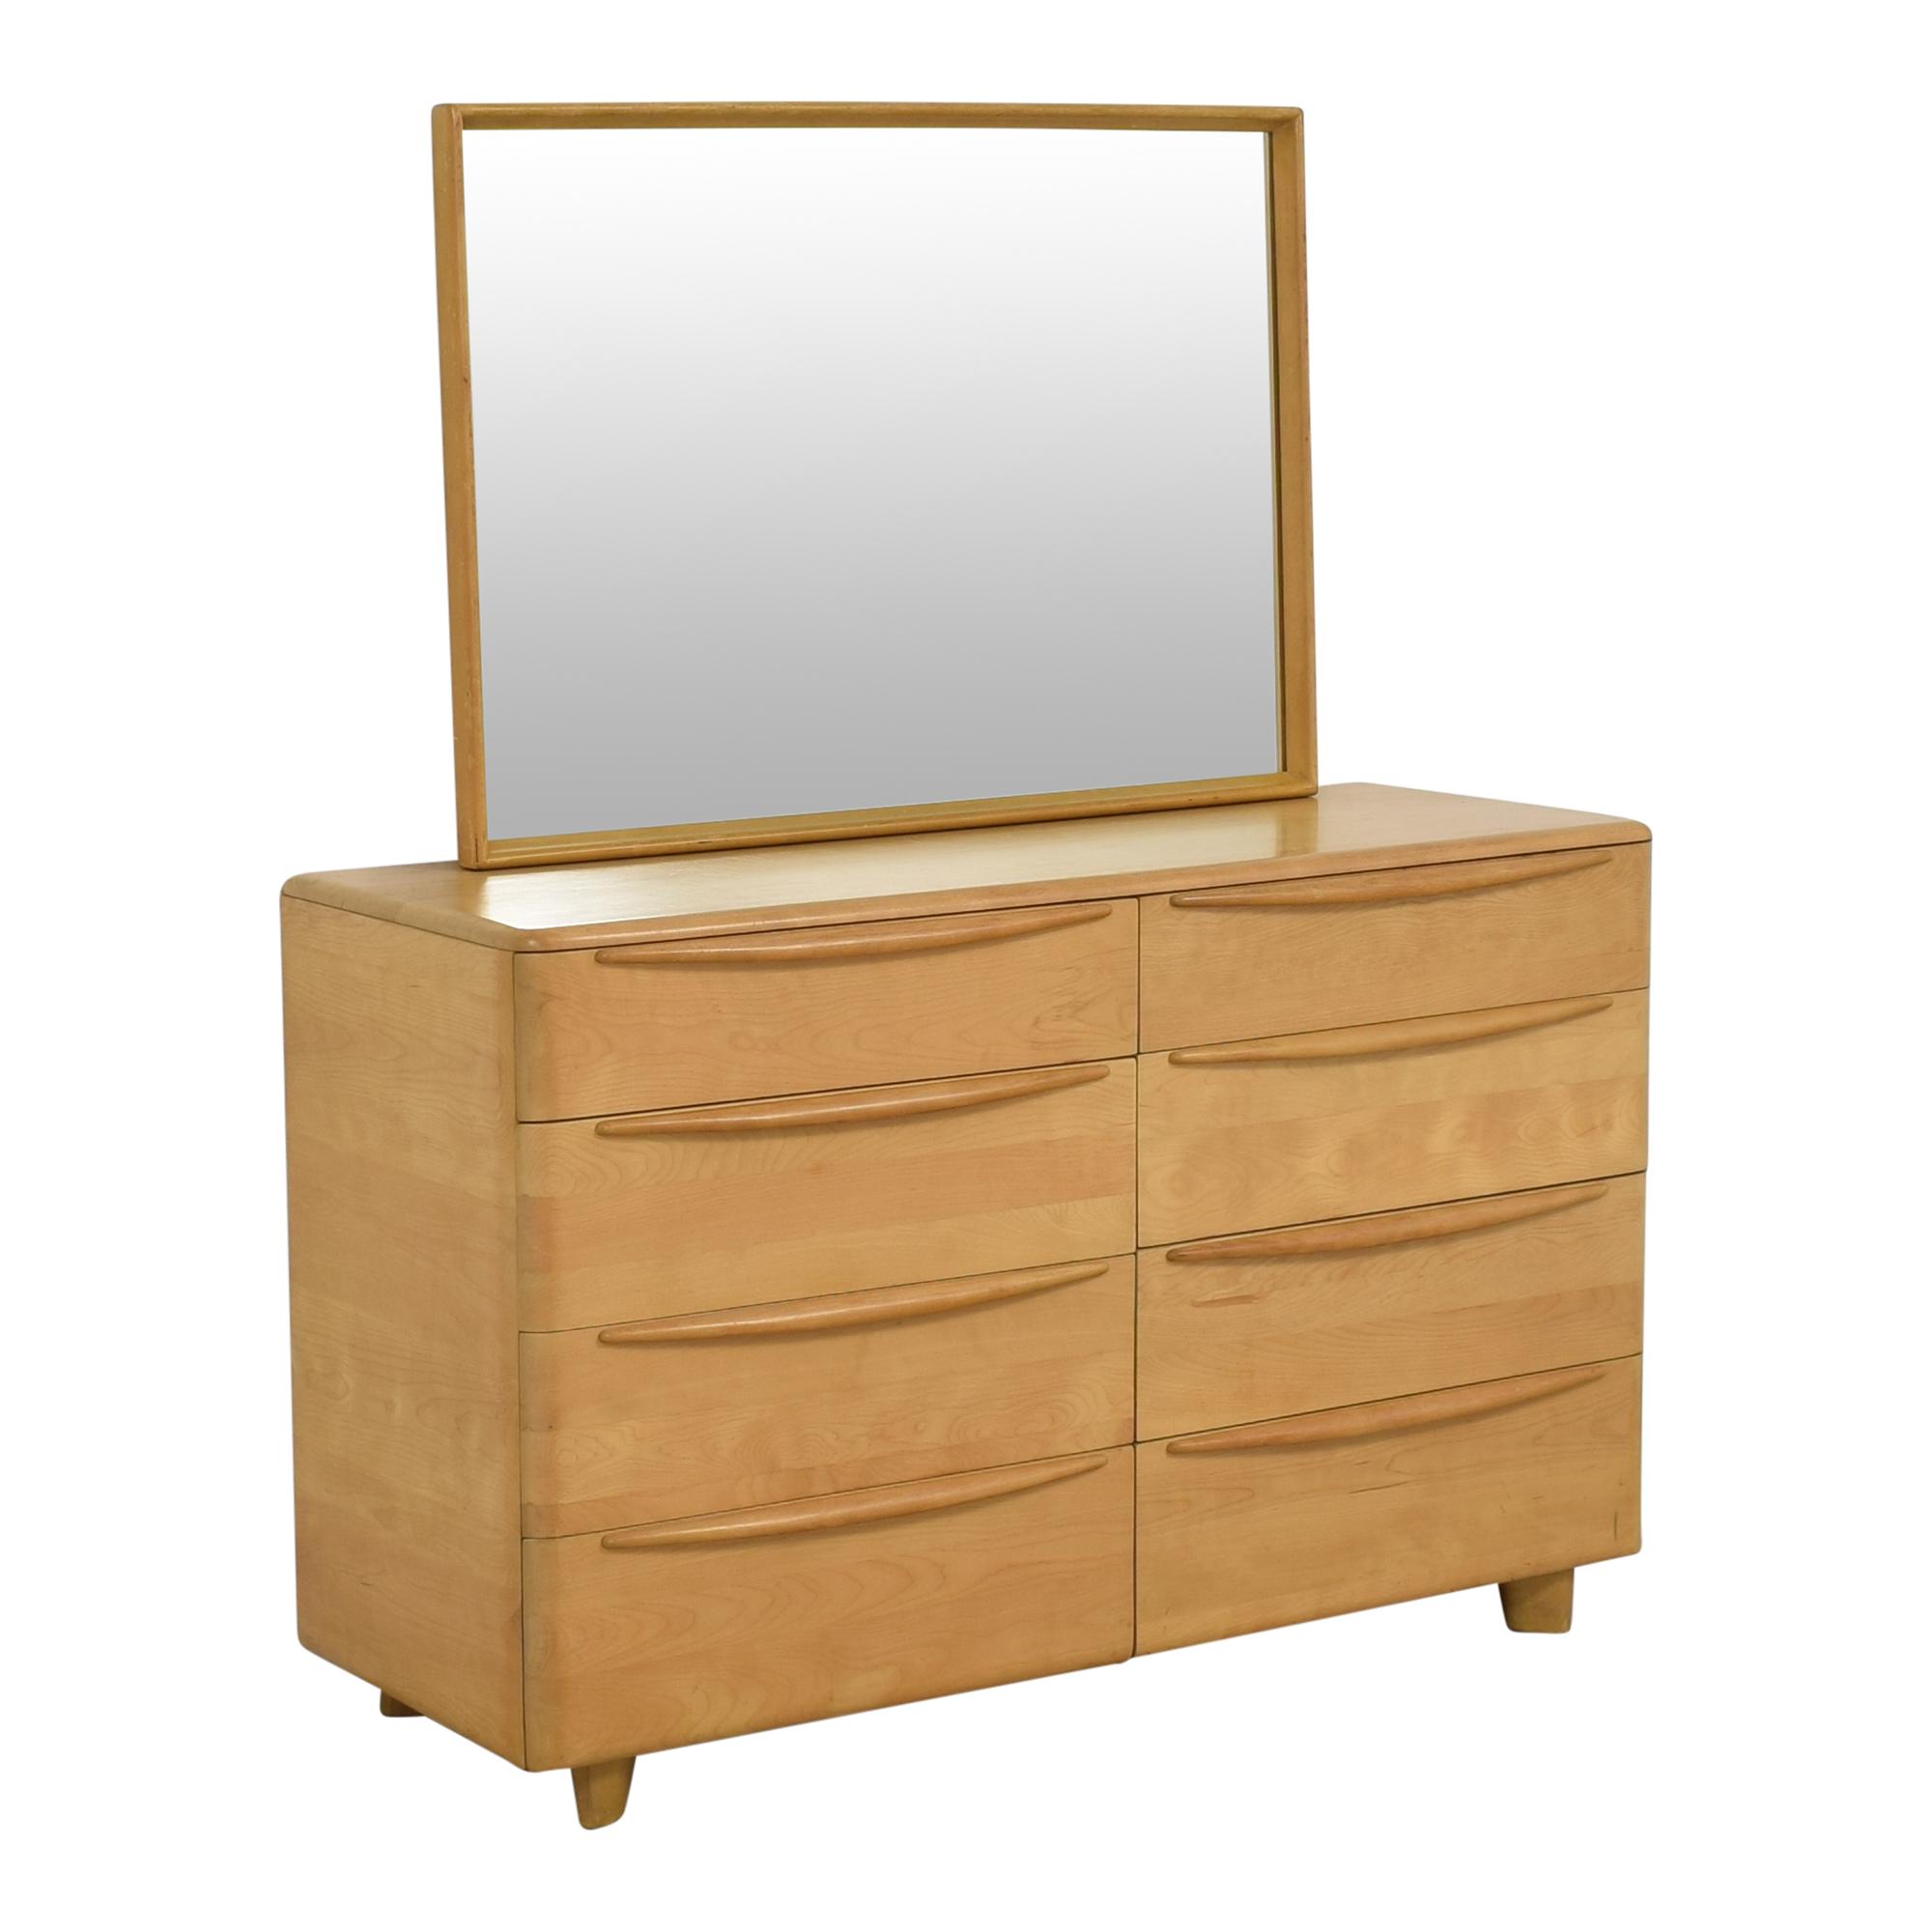 Heywood-Wakefield Heywood-Wakefield Encore Eight Drawer Dresser with Mirror used